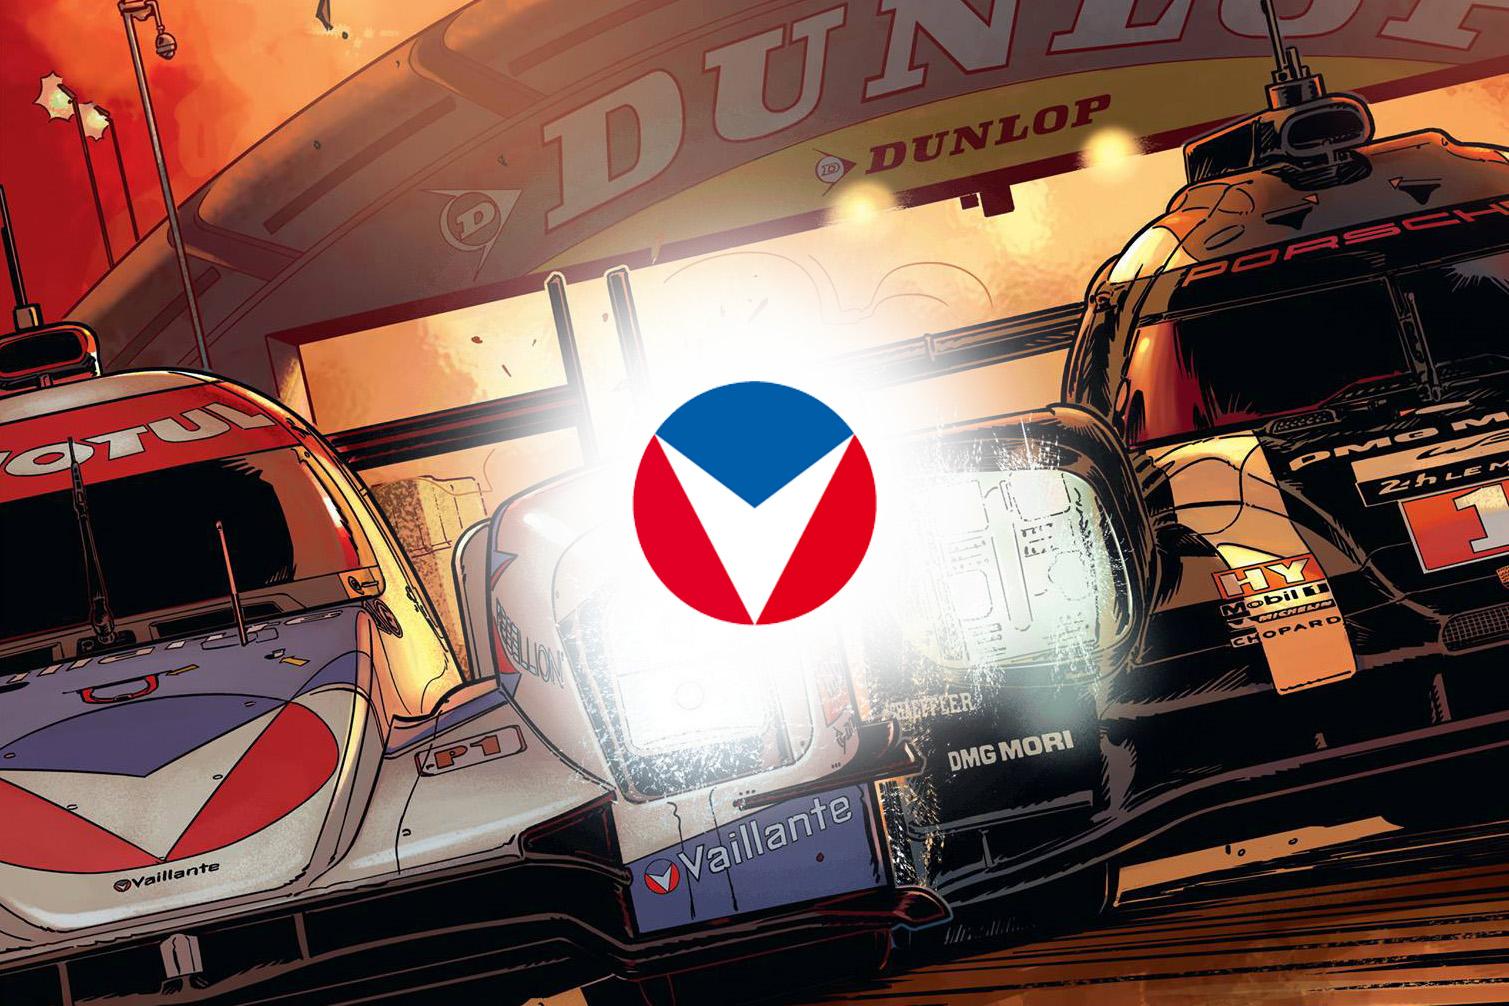 Michel Vaillant de retour aux 24 Heures du Mans !